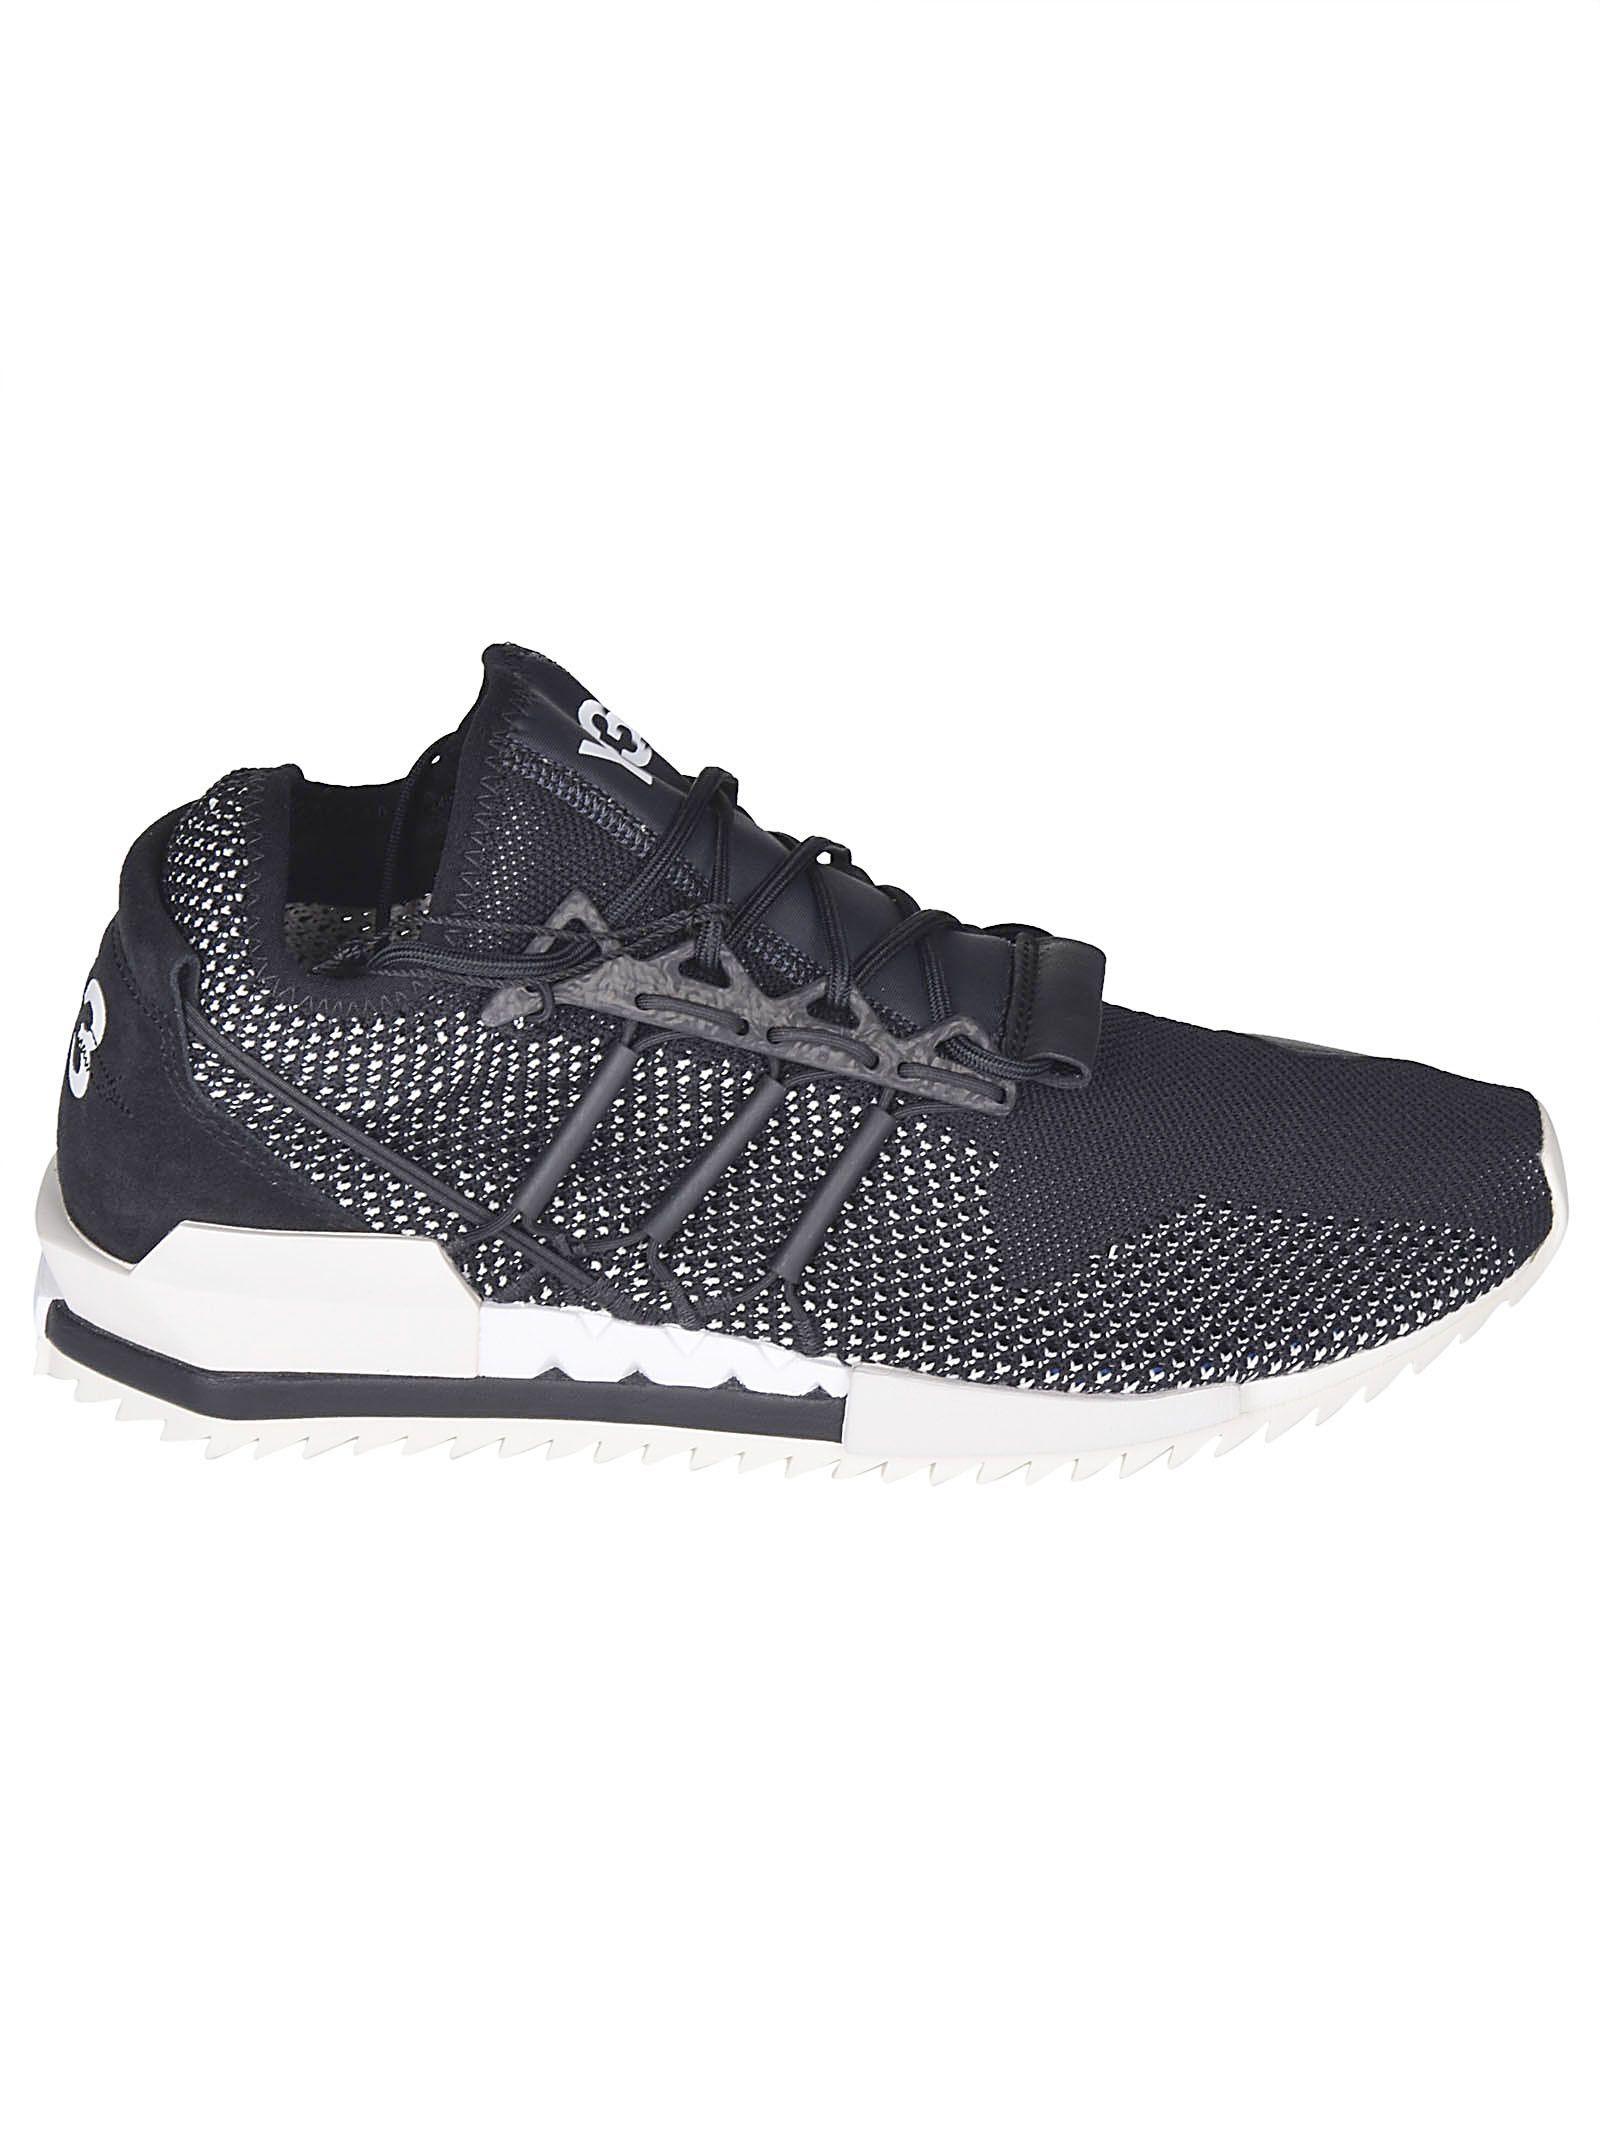 077440de249c5a Y-3 HARIGANE SNEAKERS.  y-3  shoes